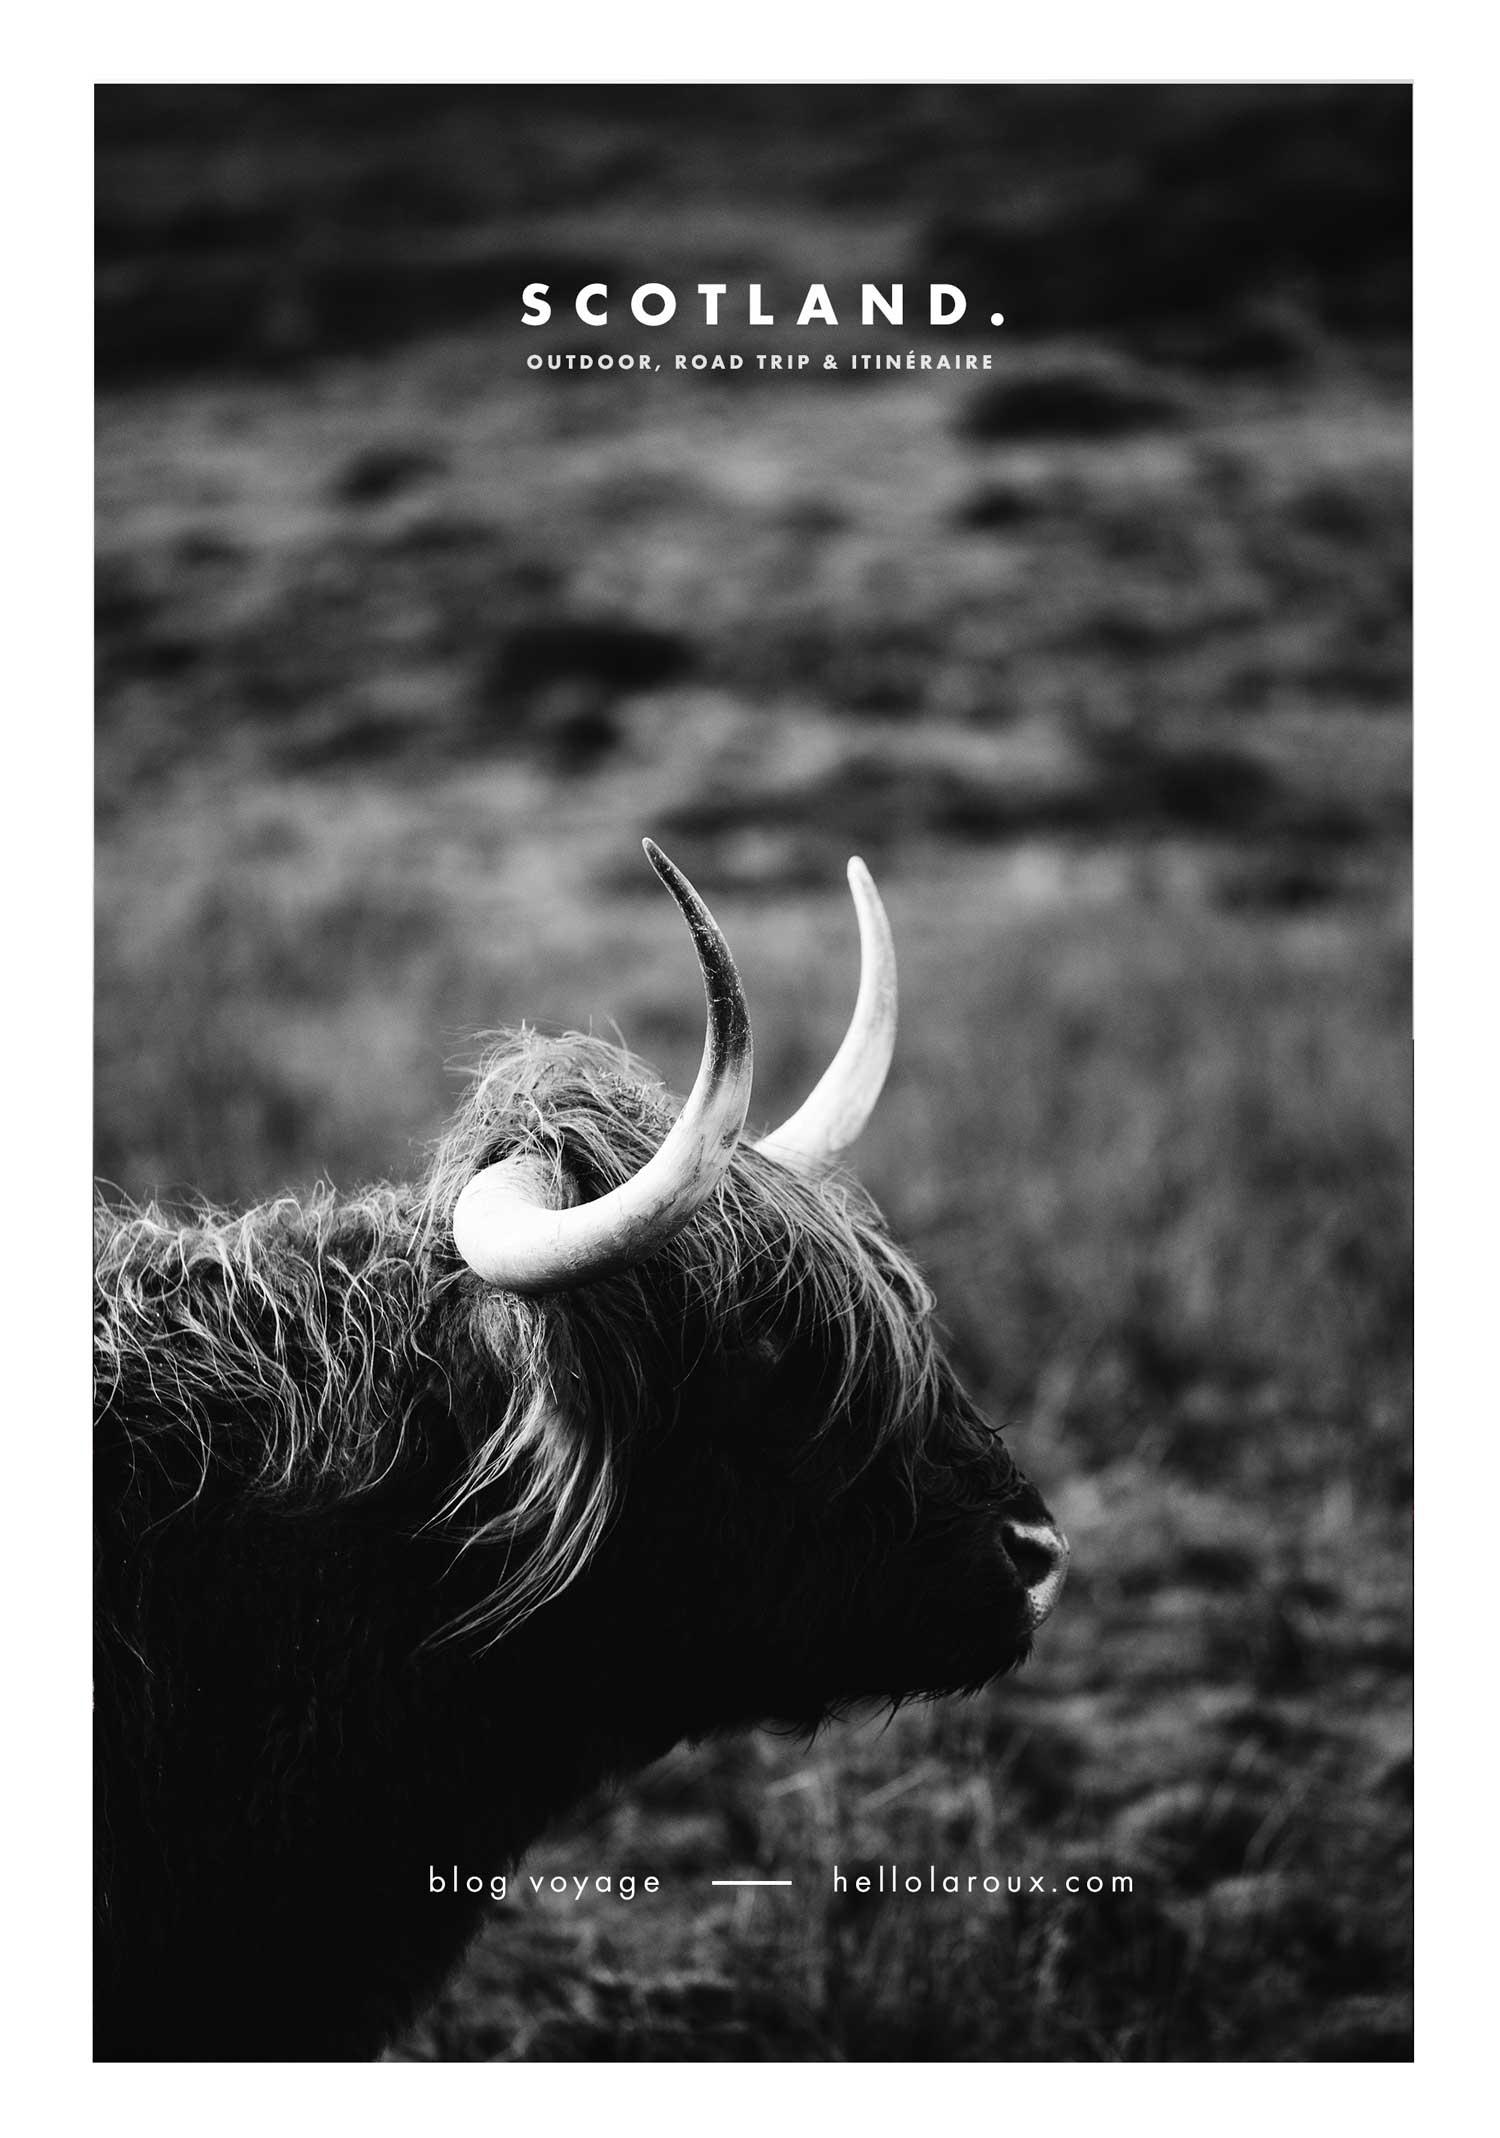 Guide et carnet de voyage d'un road trip en Écosse de 10 jours.